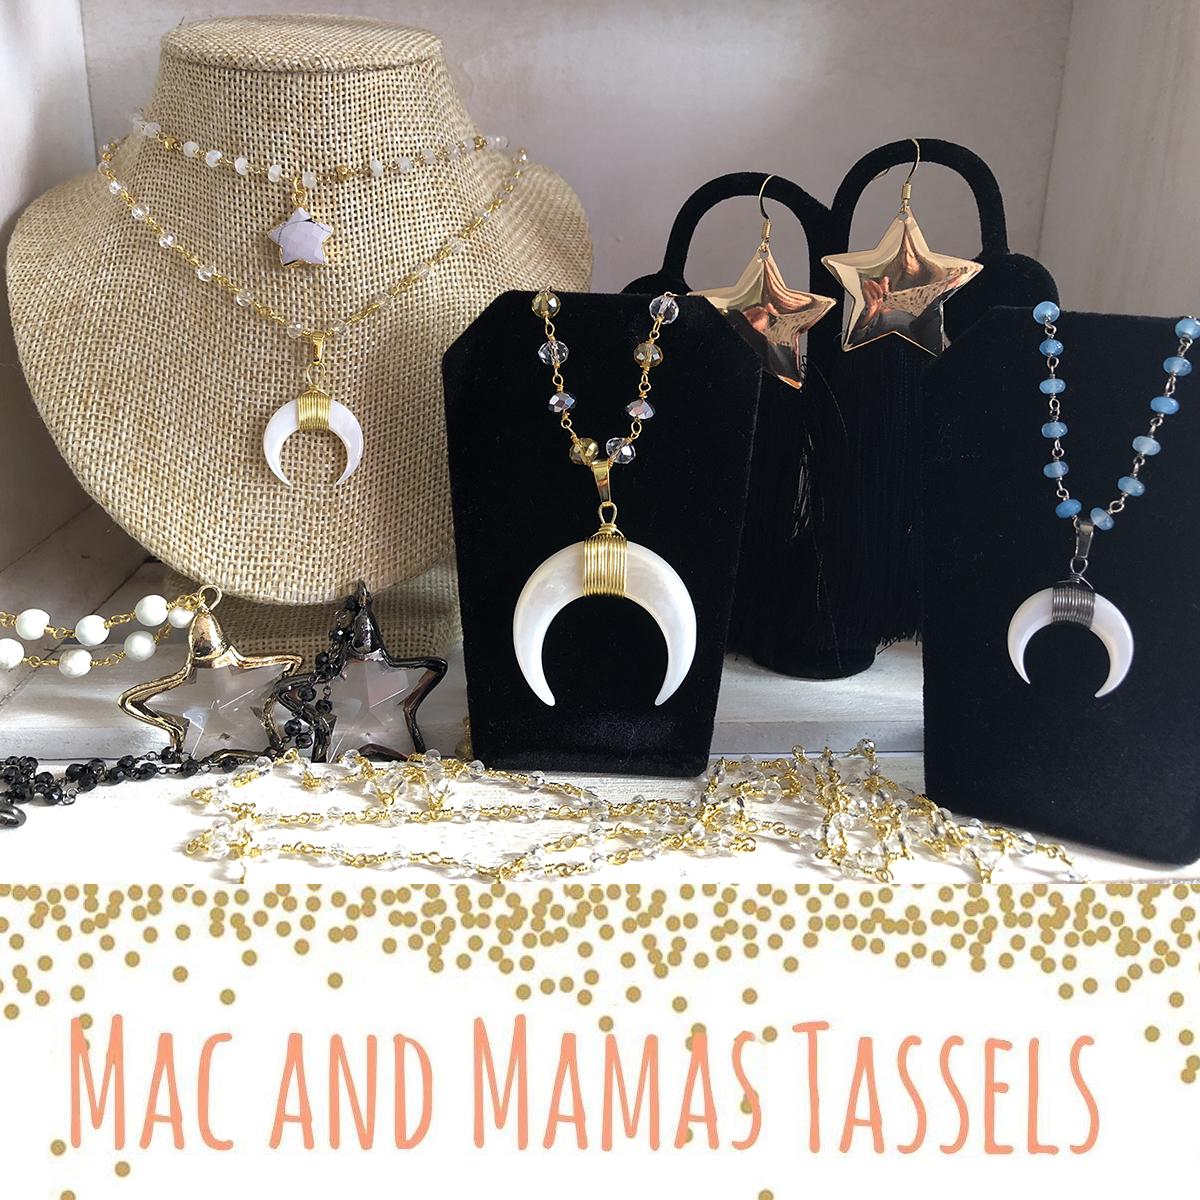 Mac and Mamas Tassels